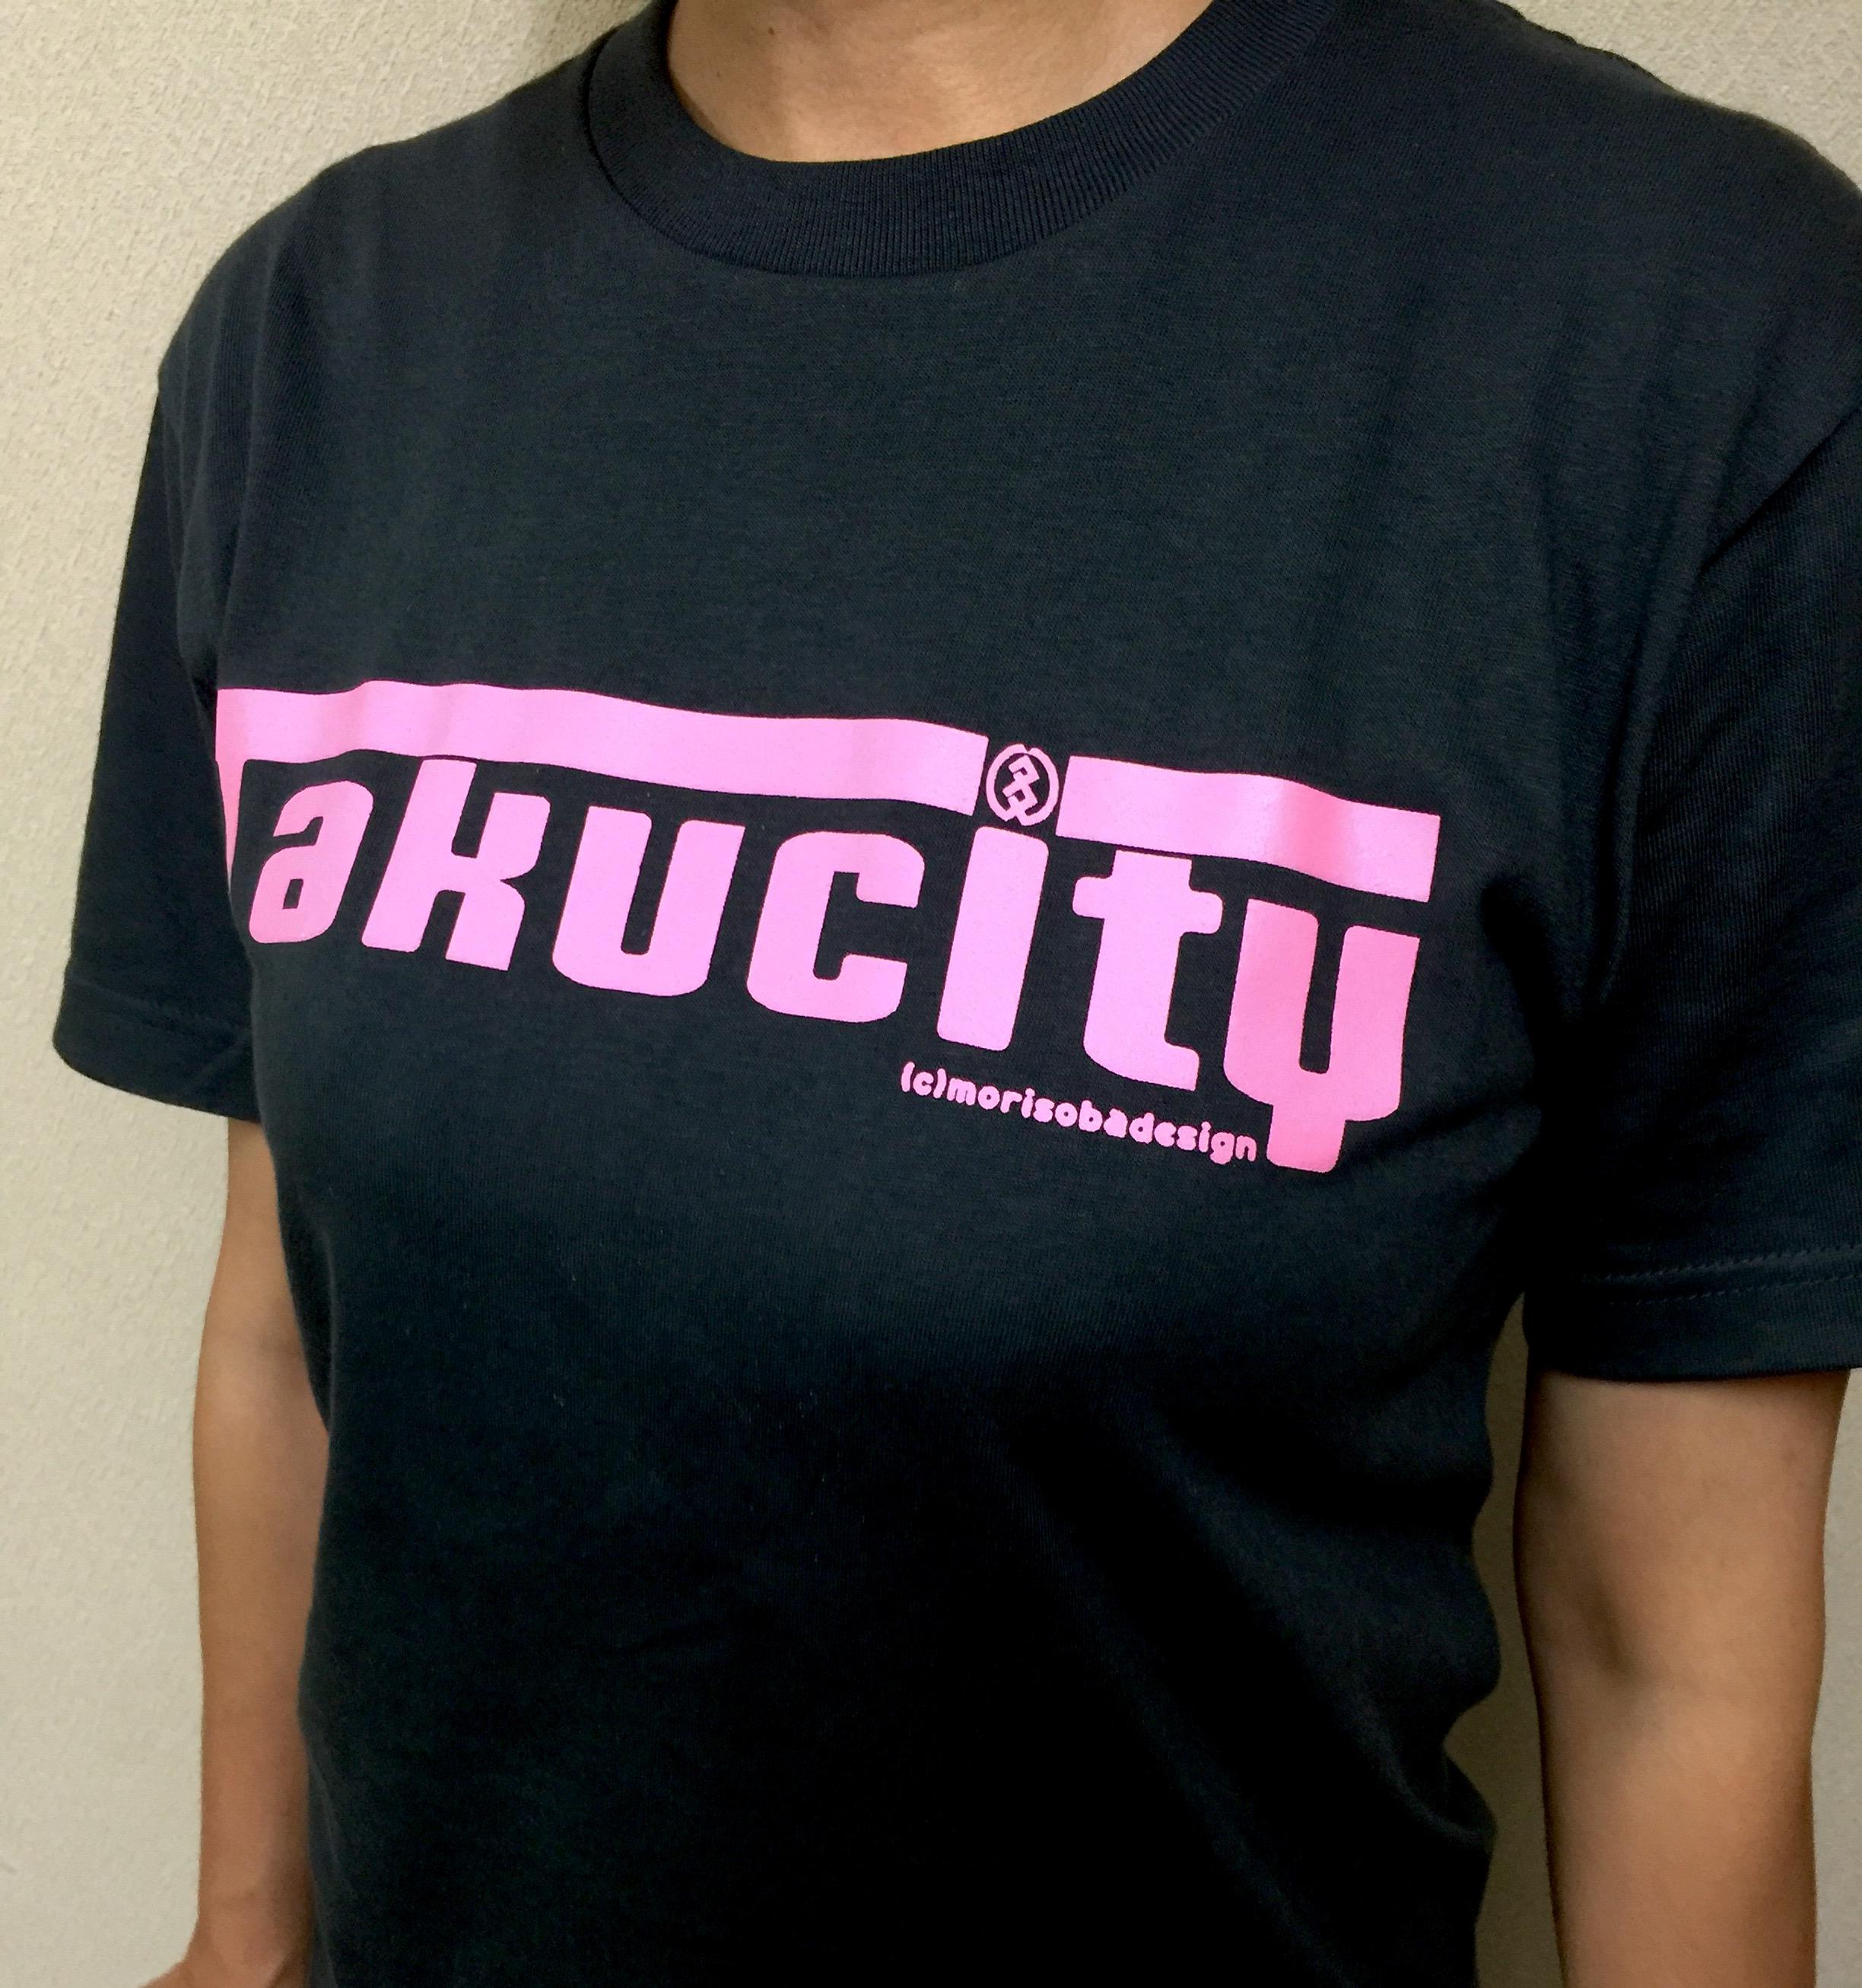 『Takucity』Tシャツのネイビー×ピンクの色合いもいい感じです♪